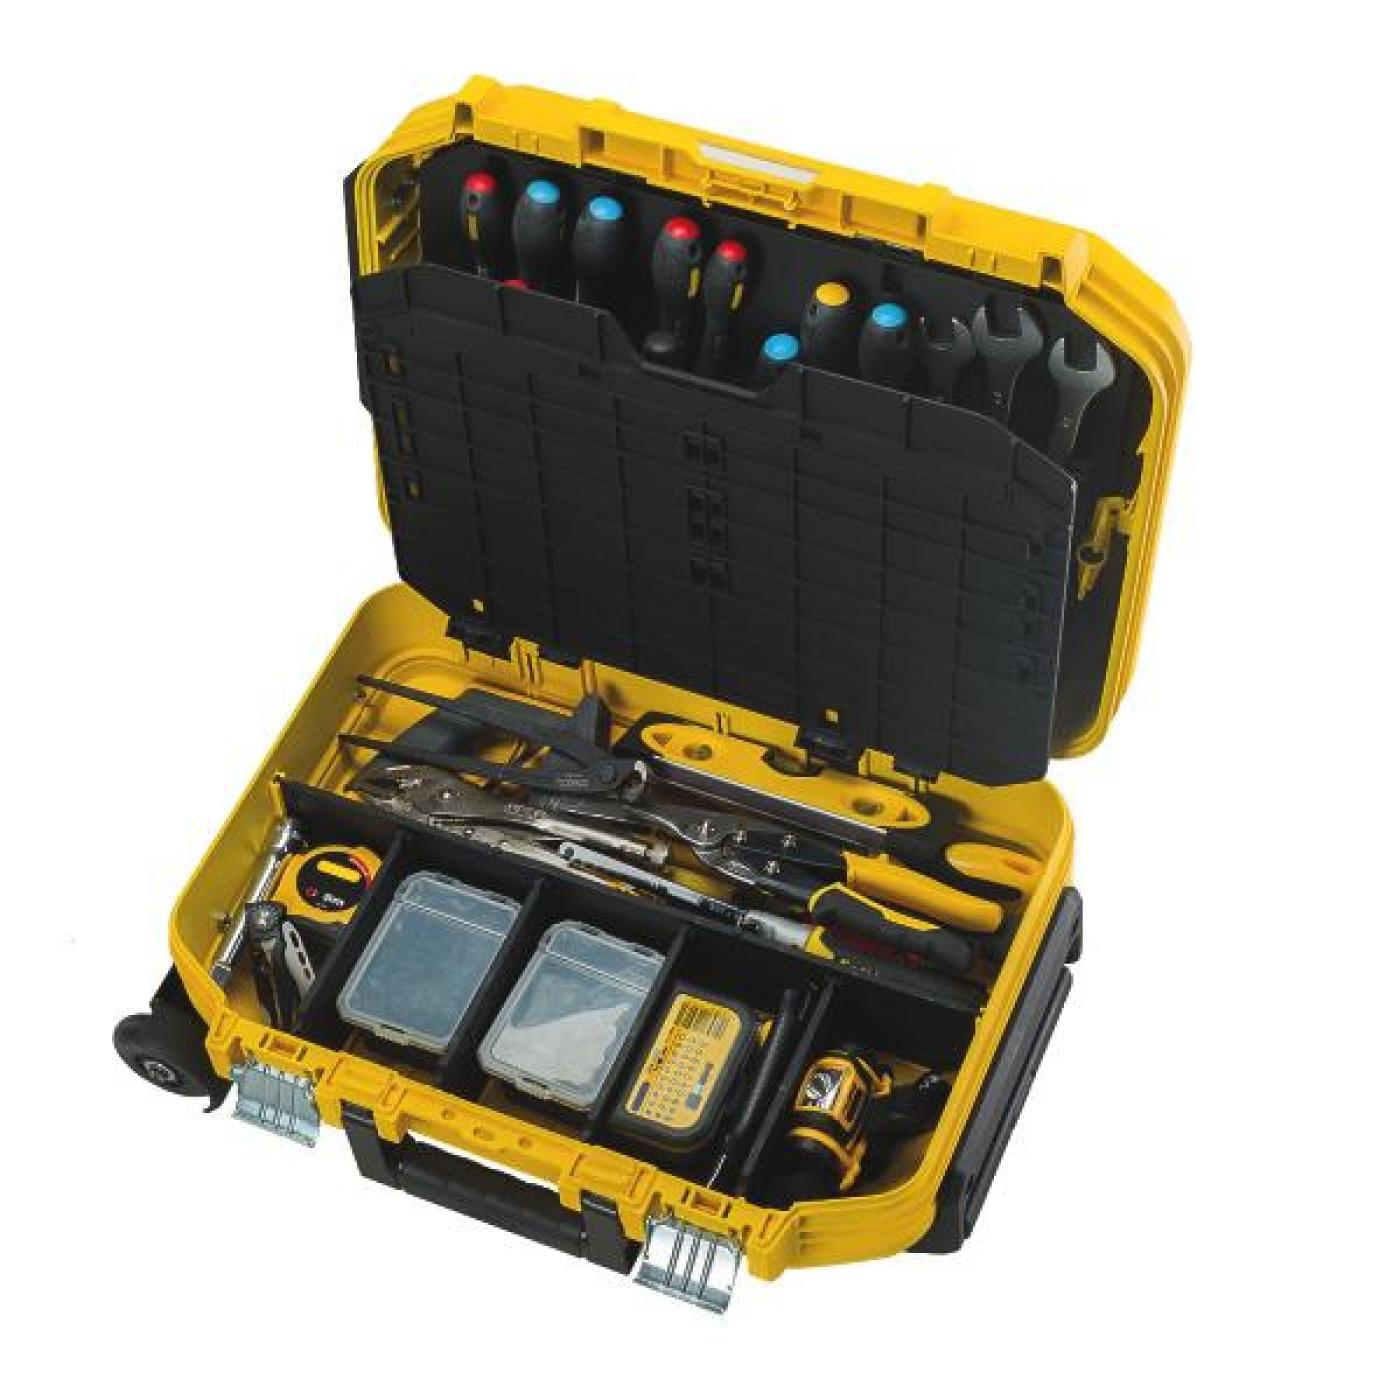 Maleta para herramientas con ruedas stanley fatmax fmst1 - Maleta para herramientas ...